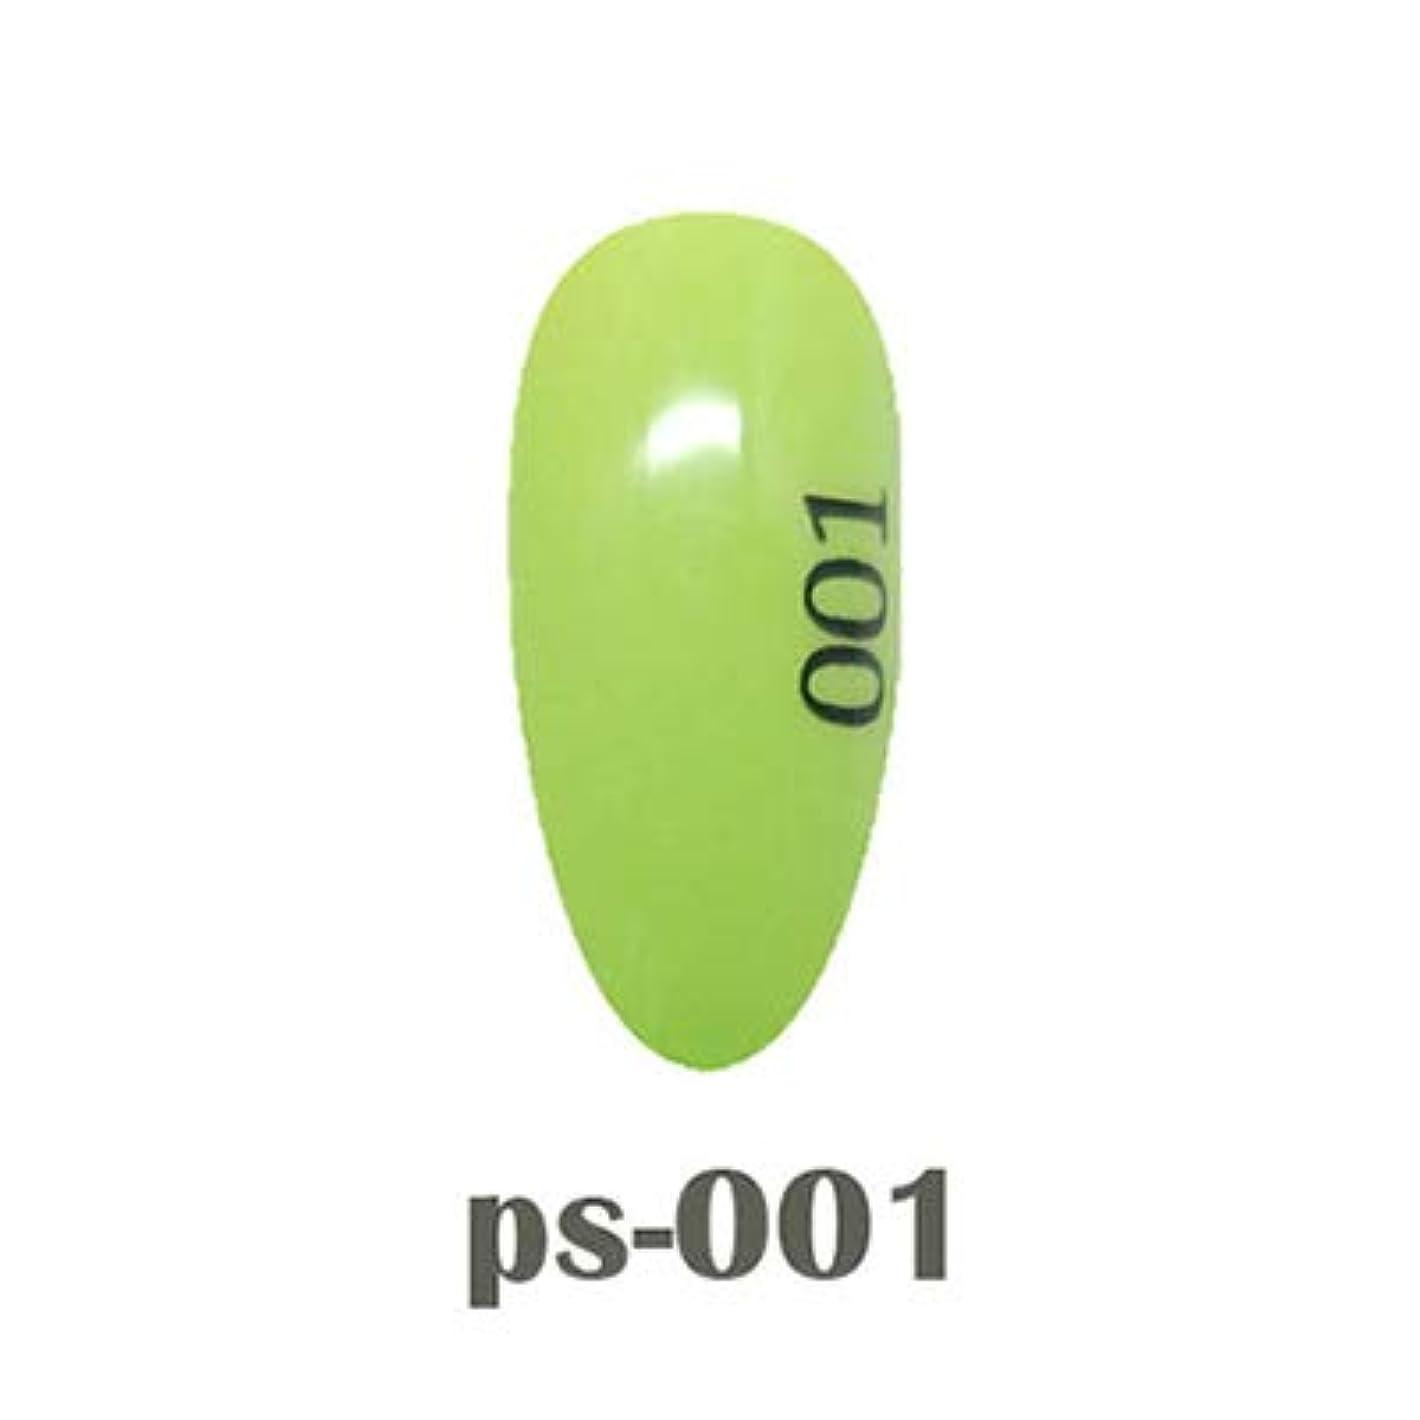 サミュエル動くプラットフォームアイスジェル カラージェル ポイントパステルシリーズ PP-001 3g